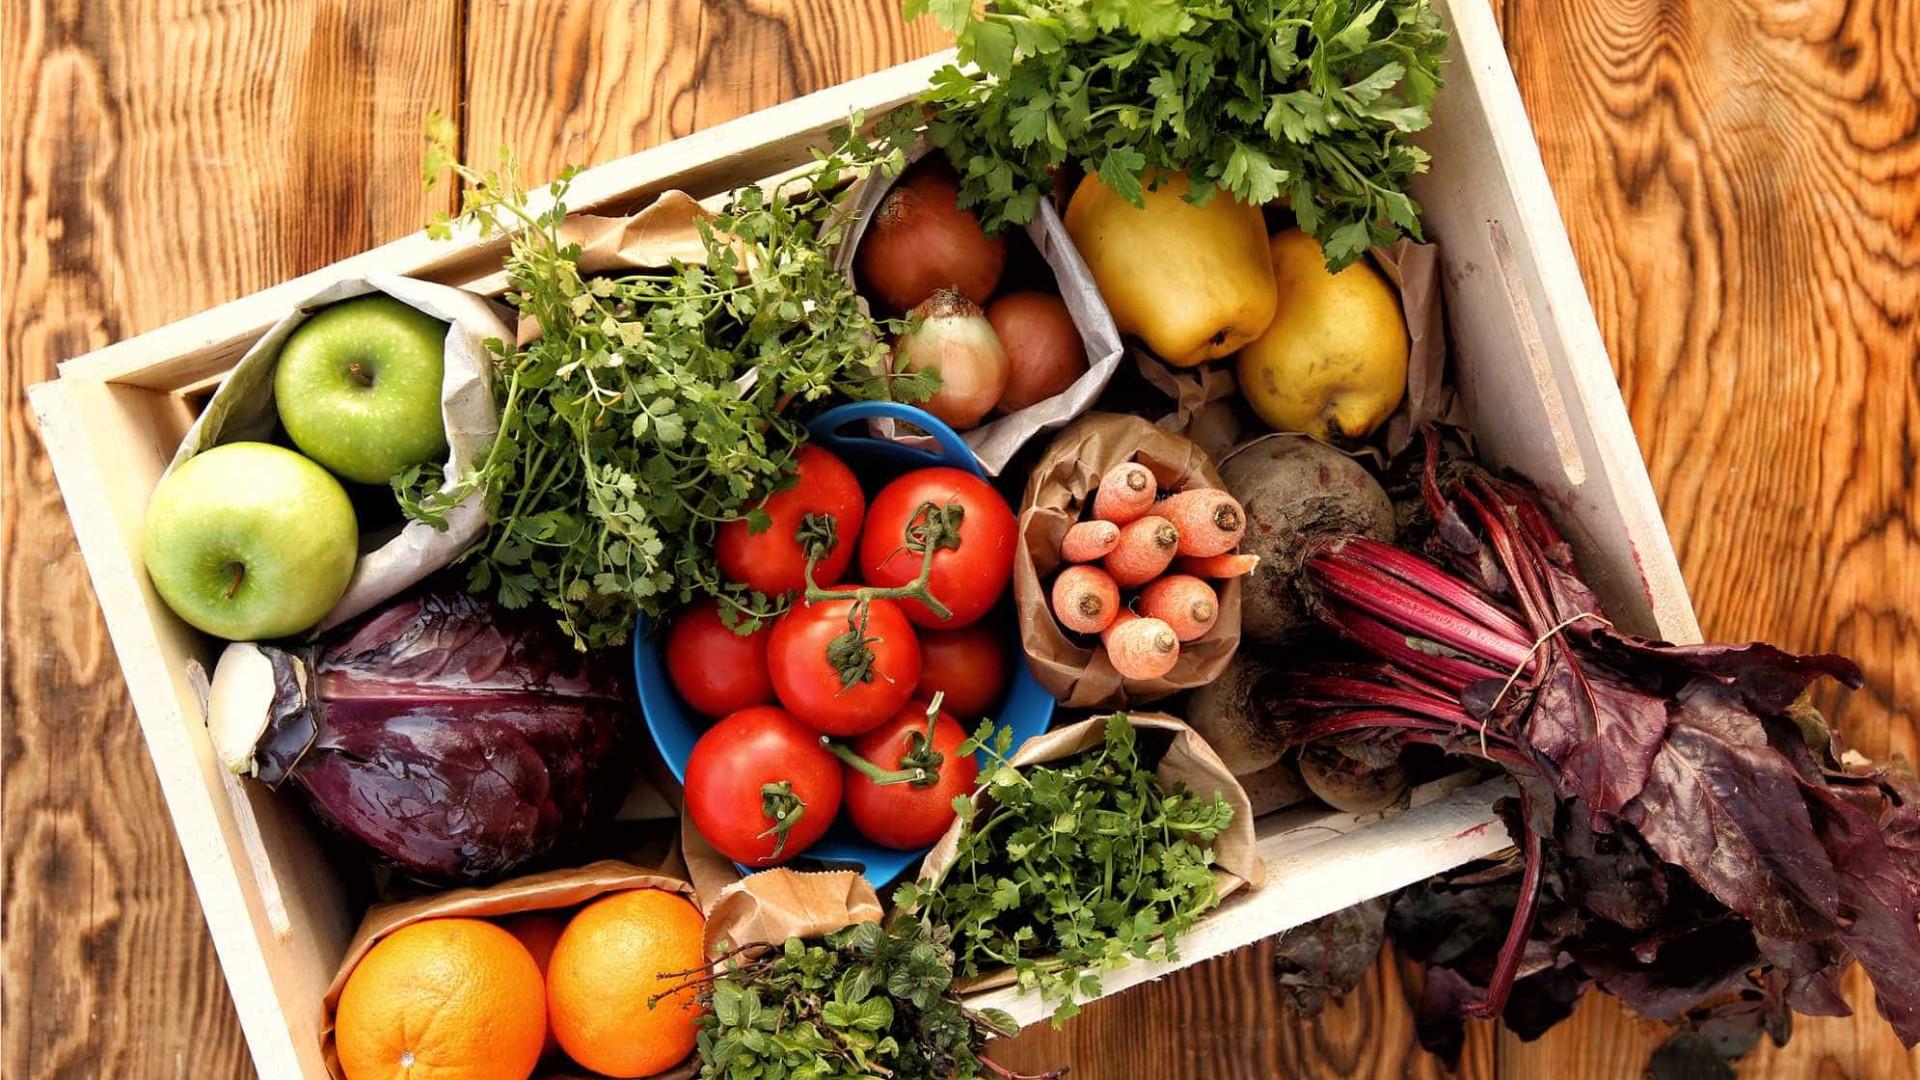 Associação quer alimentação sustentável discutida nas escolas